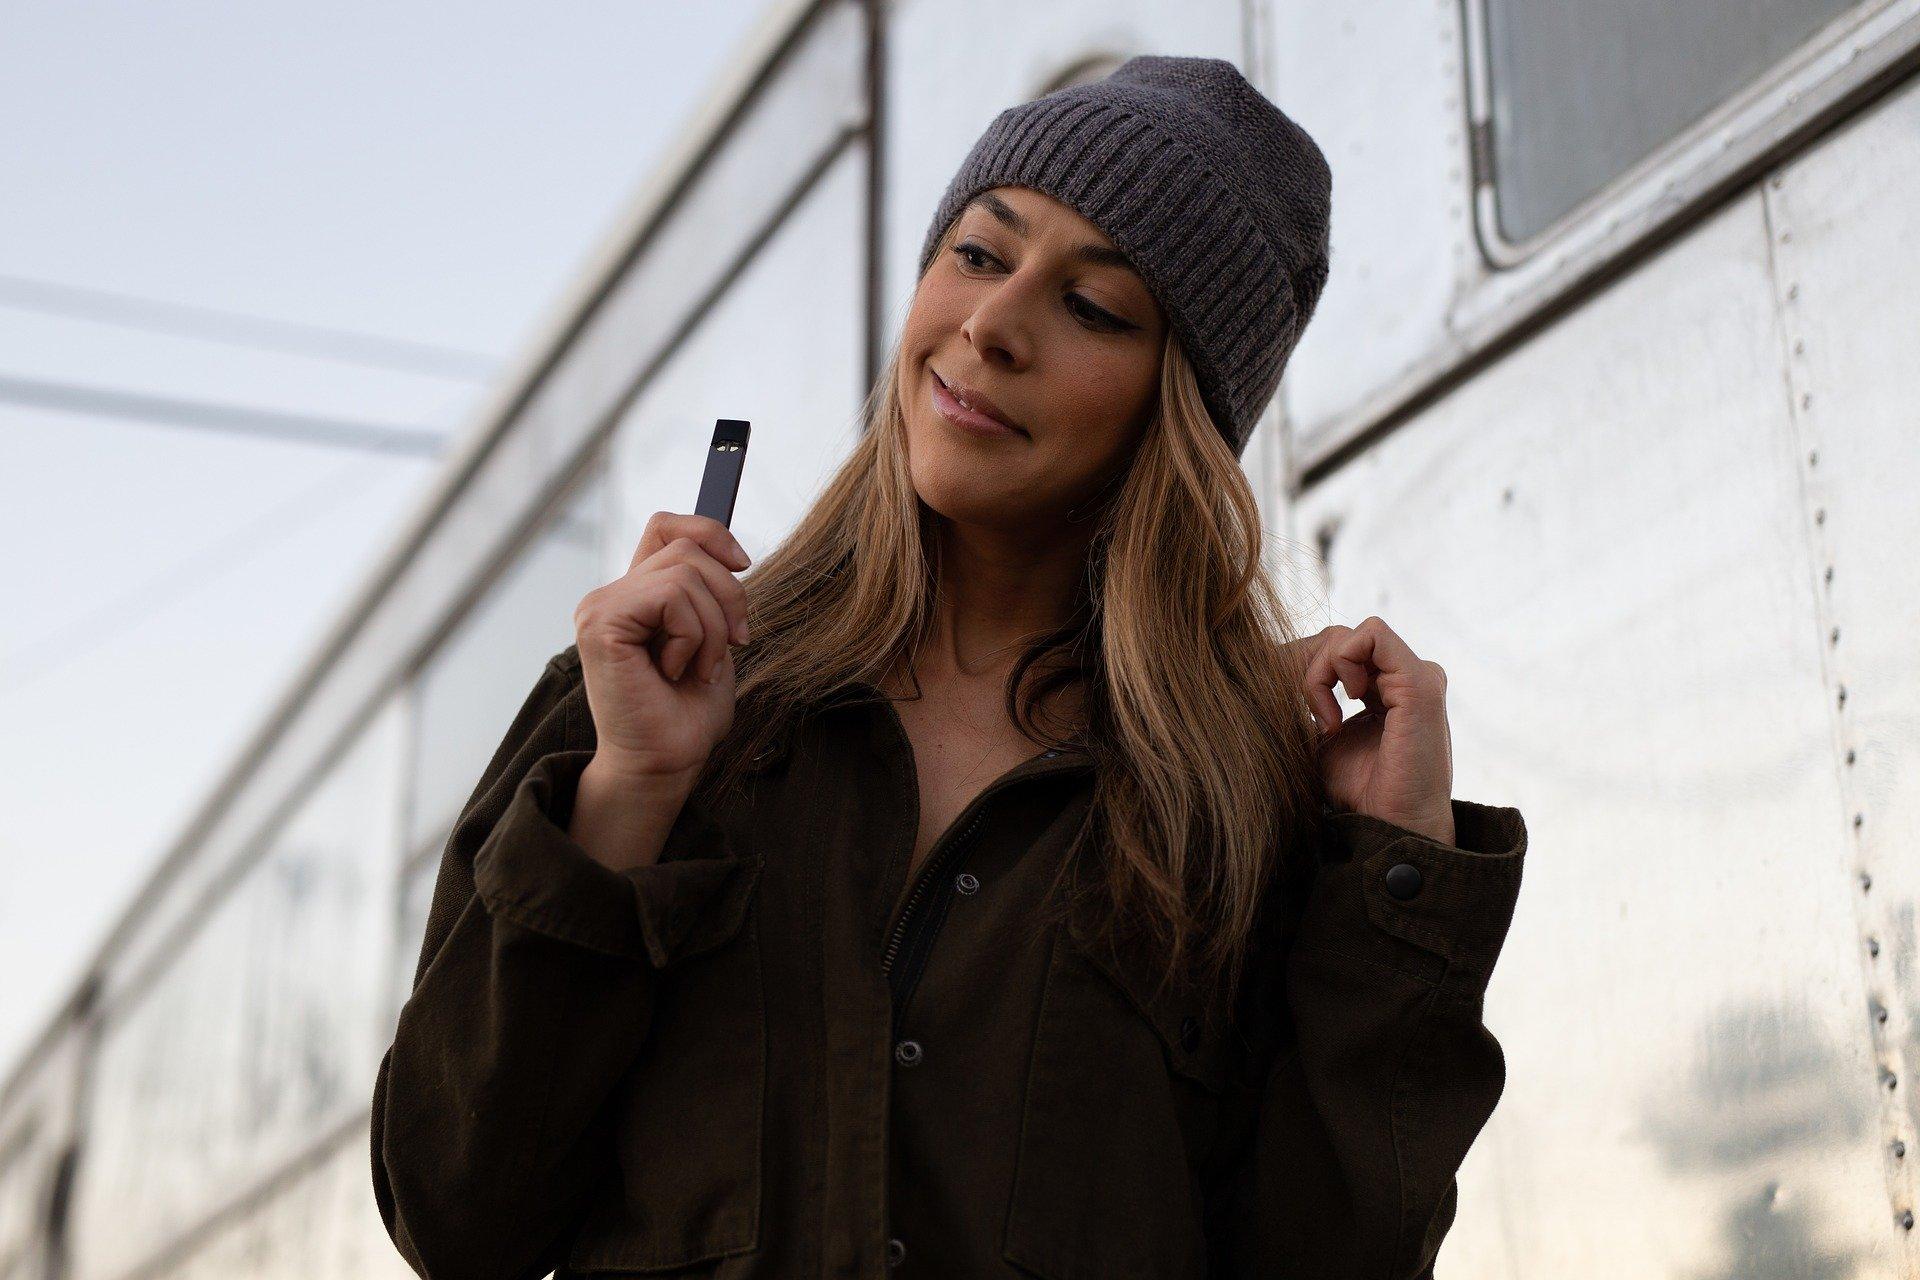 Sigarette: elettroniche o no per la scienza bisogna stare attenti allo stesso modo